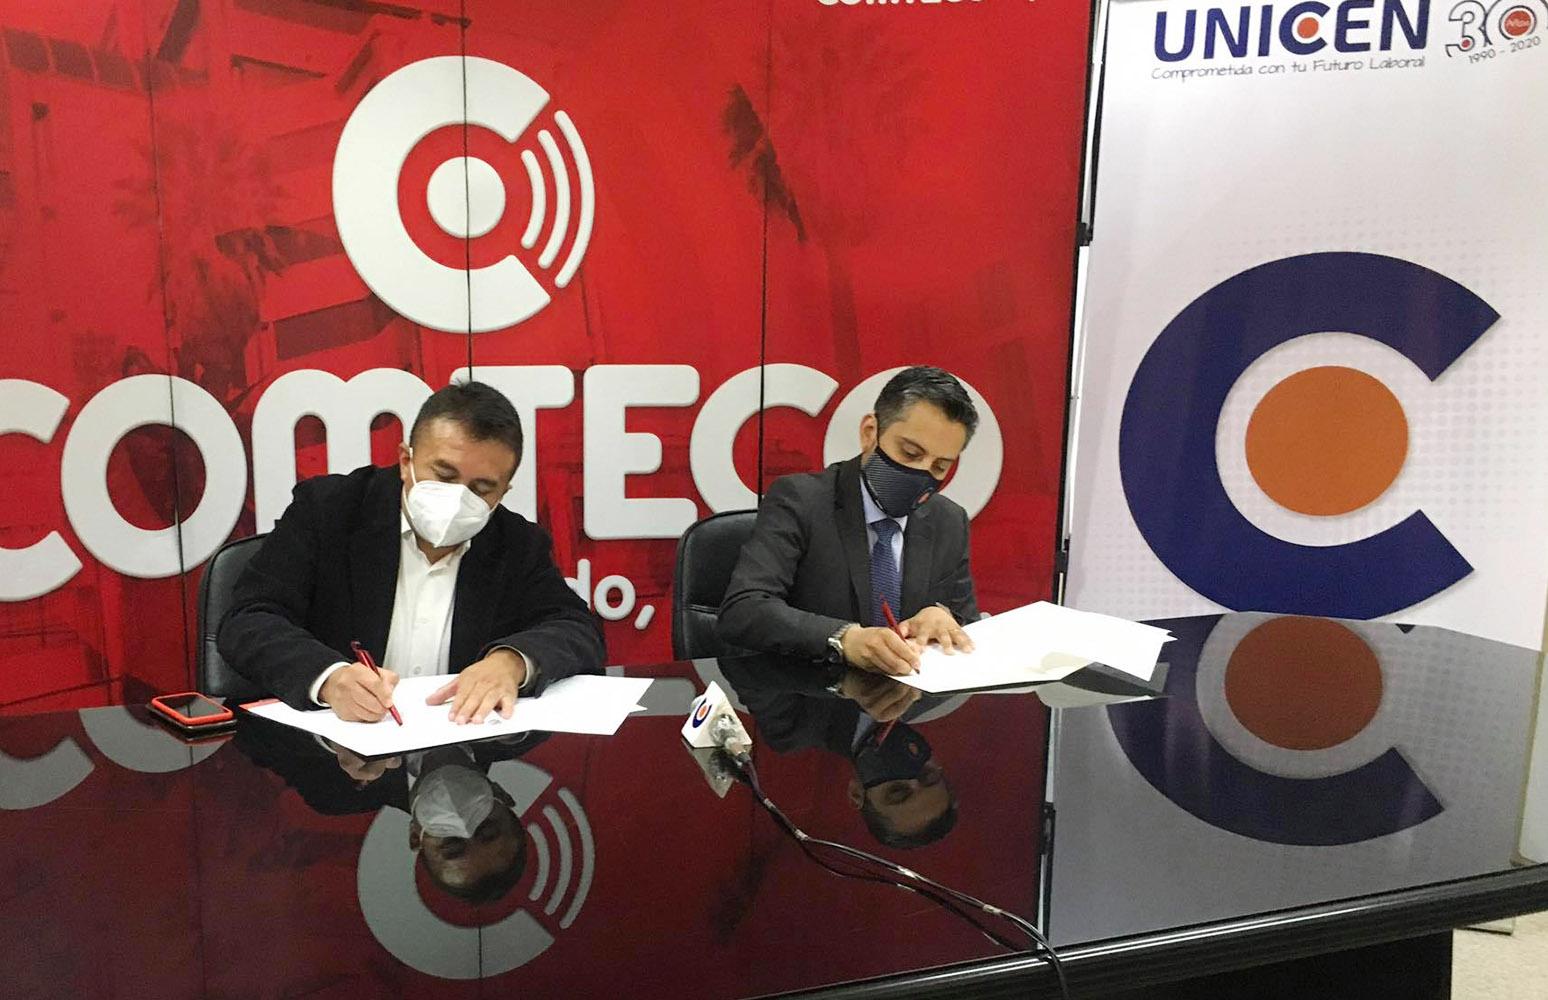 Internet con acceso absoluto a un costo accesible es el convenio que UNICEN firmó con COMTECO